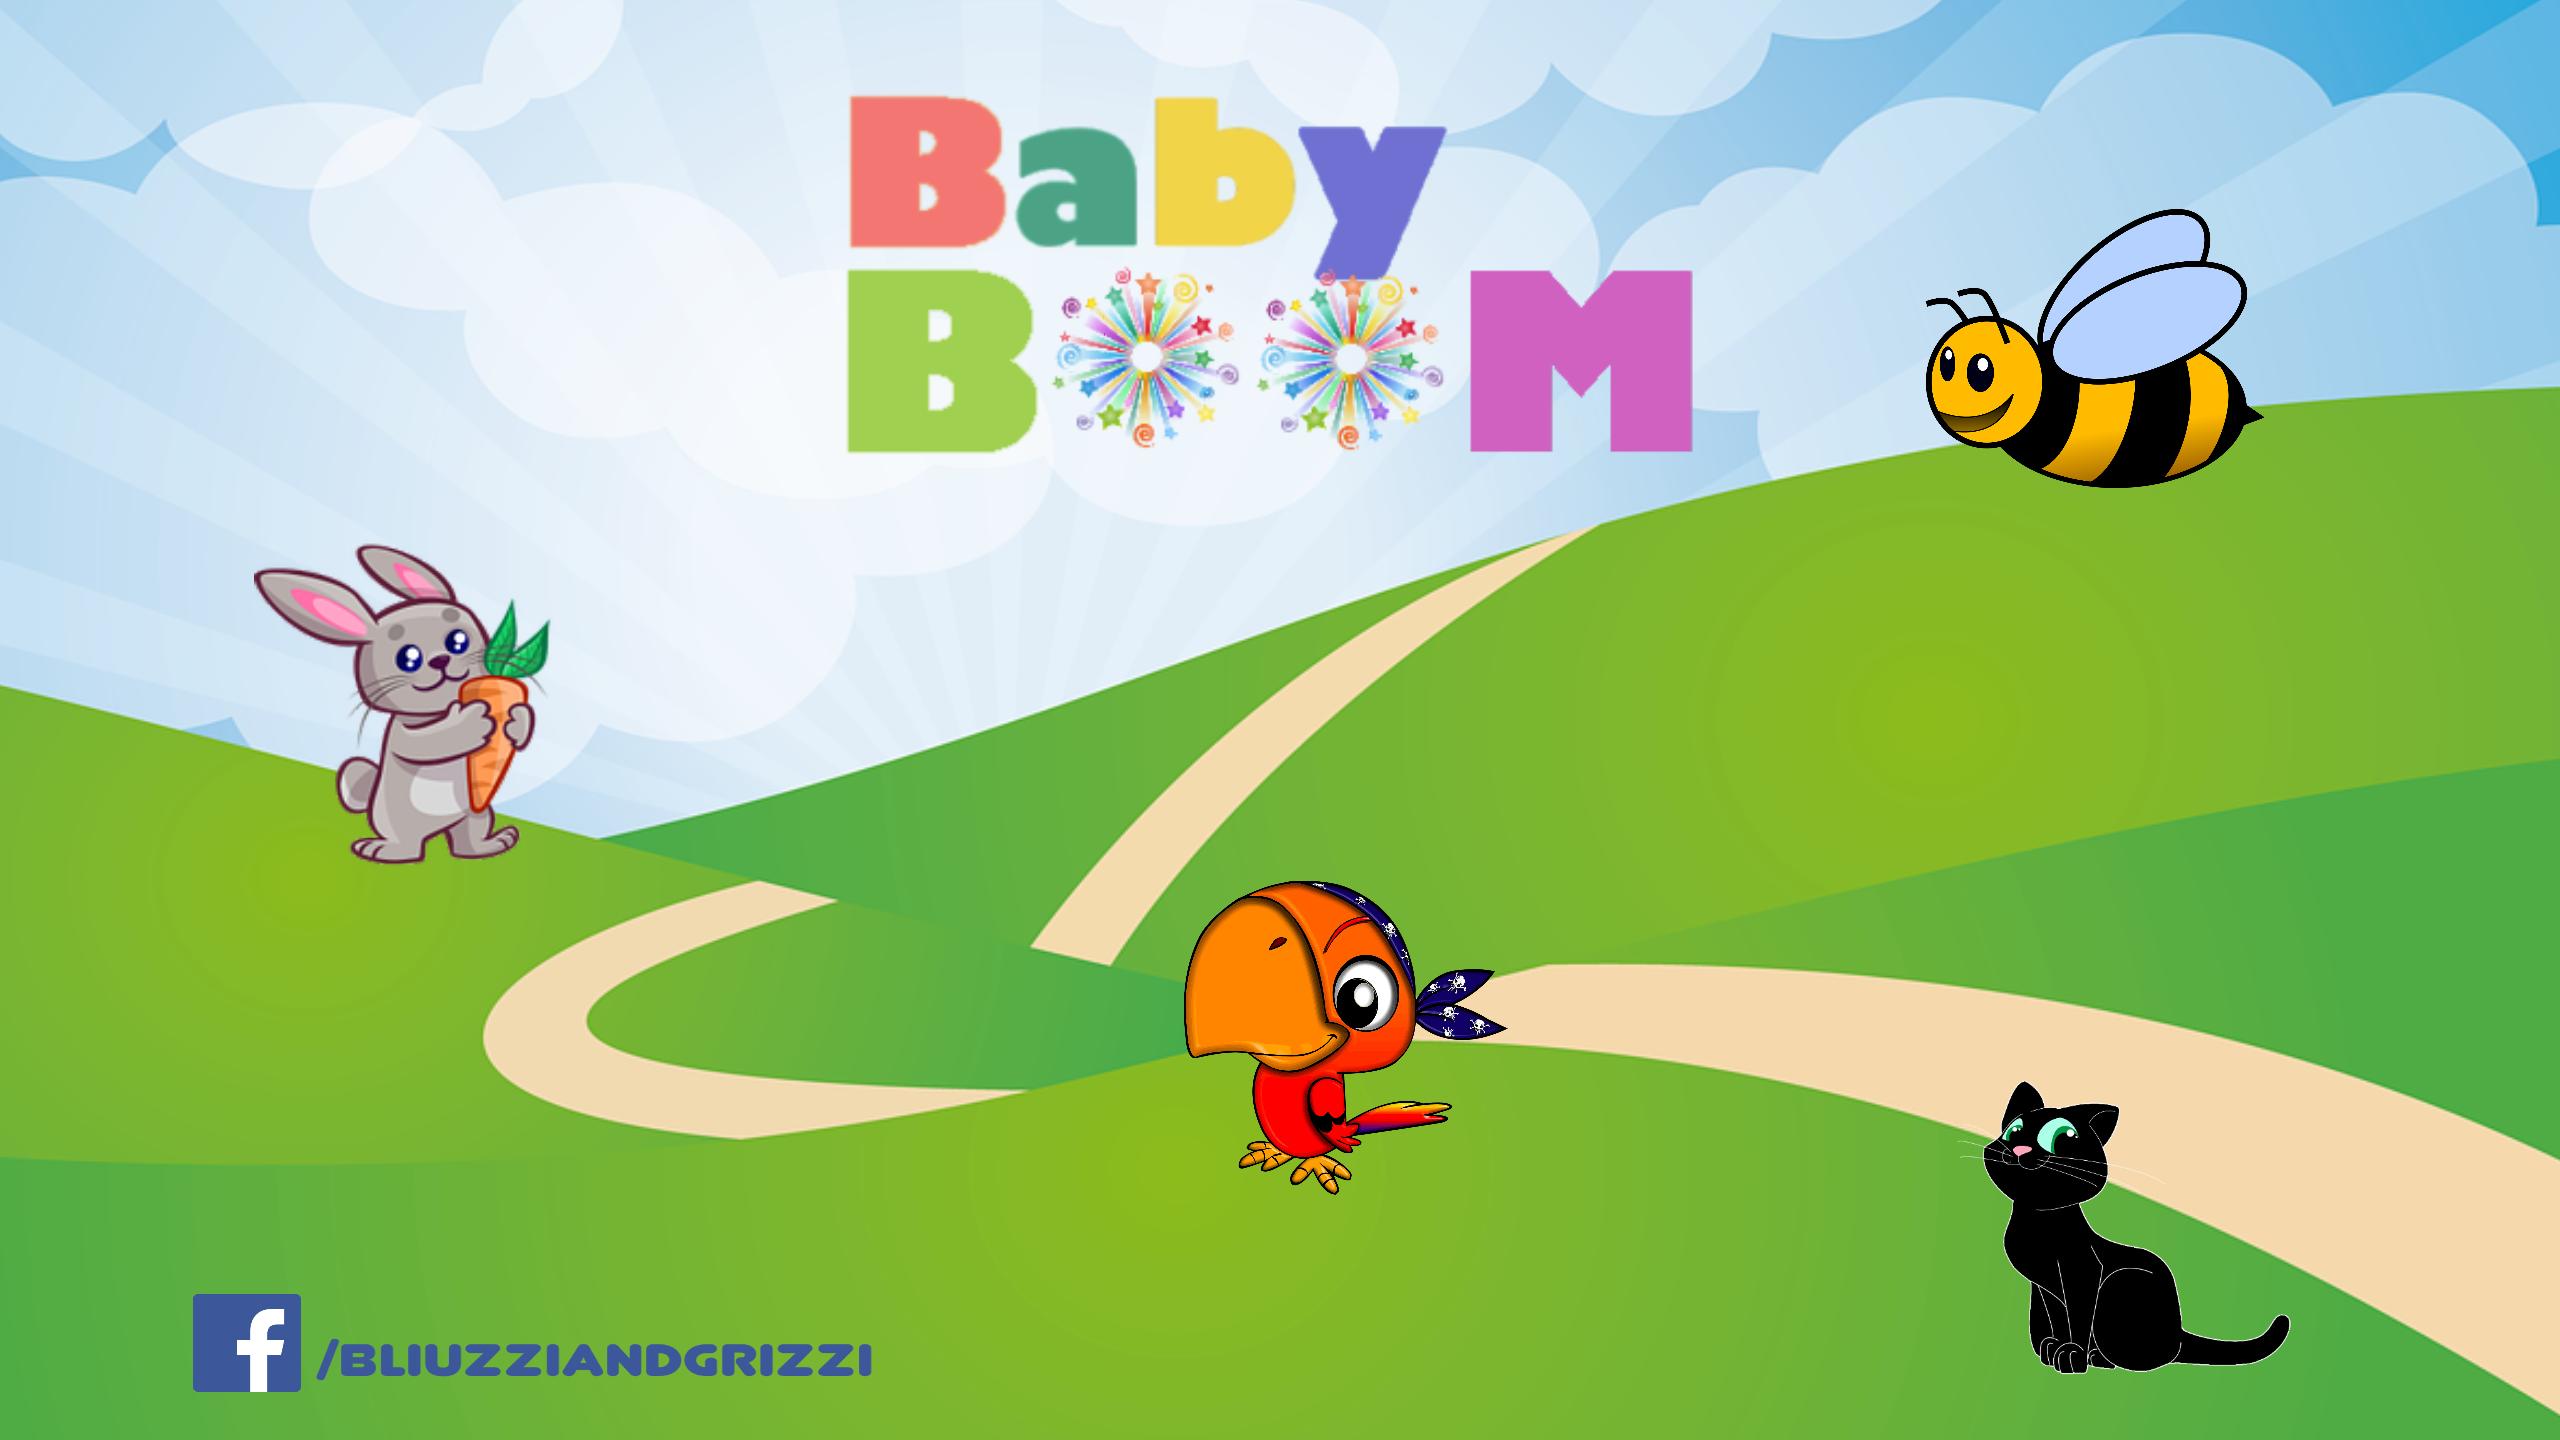 BabyBOOM - Hrvatski